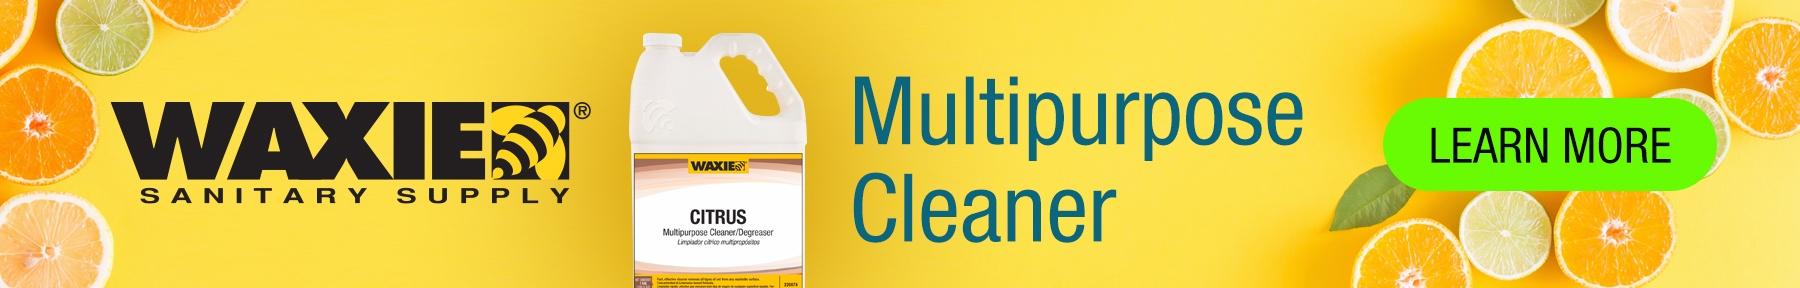 WAXIE Citrus Multipurpose Cleaner GL 4/CS